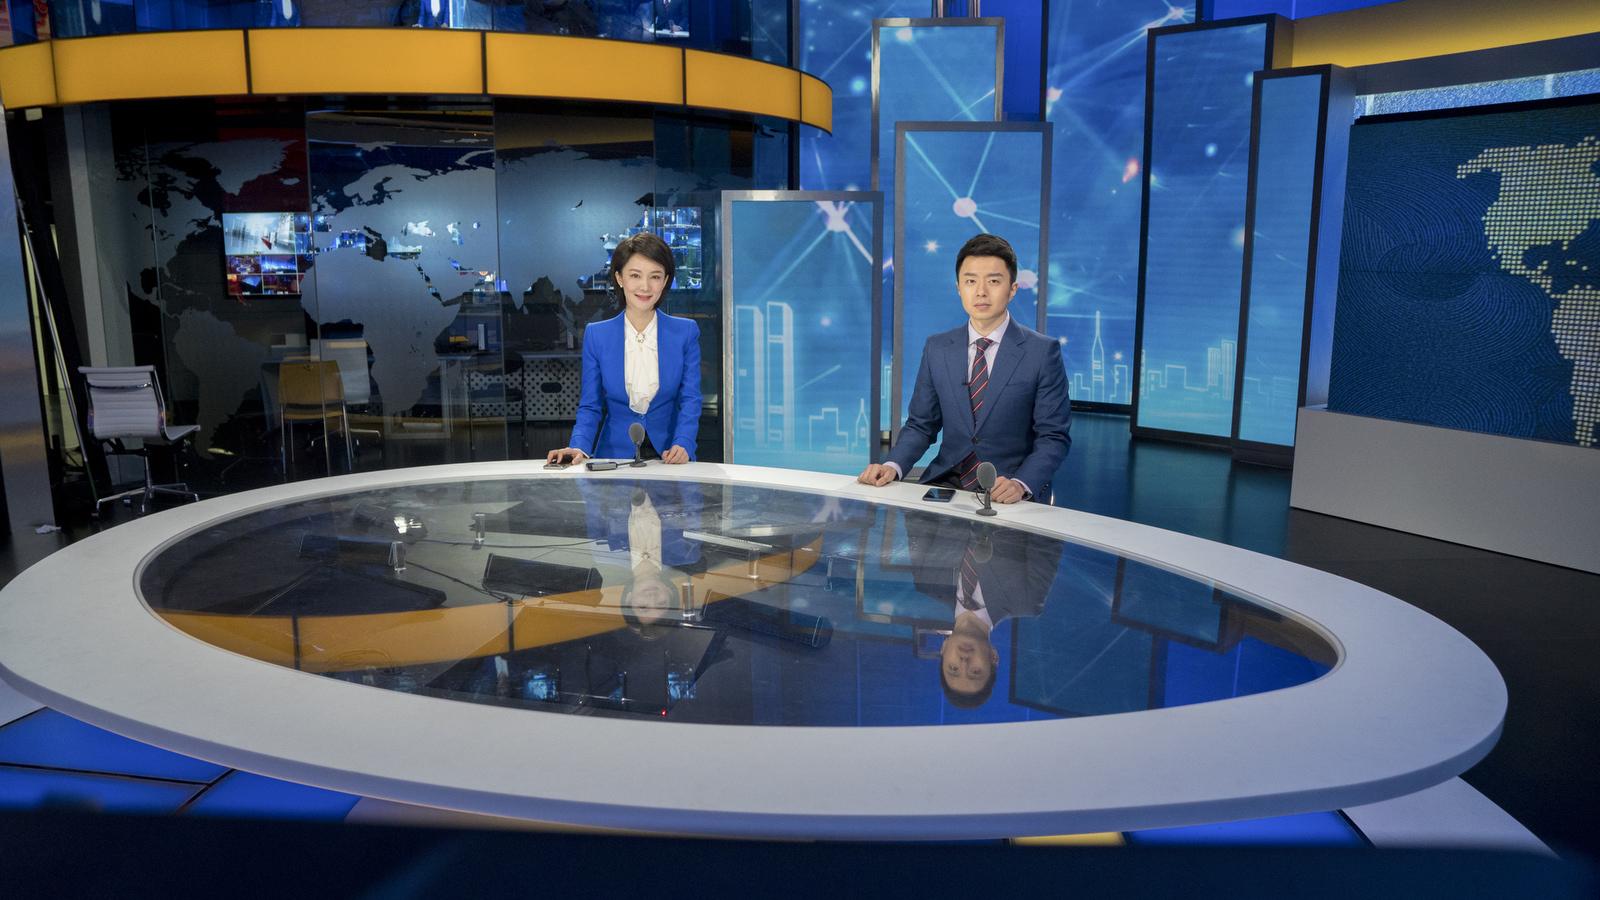 NCS_Beijing-Media-Group-BTV-studio_079